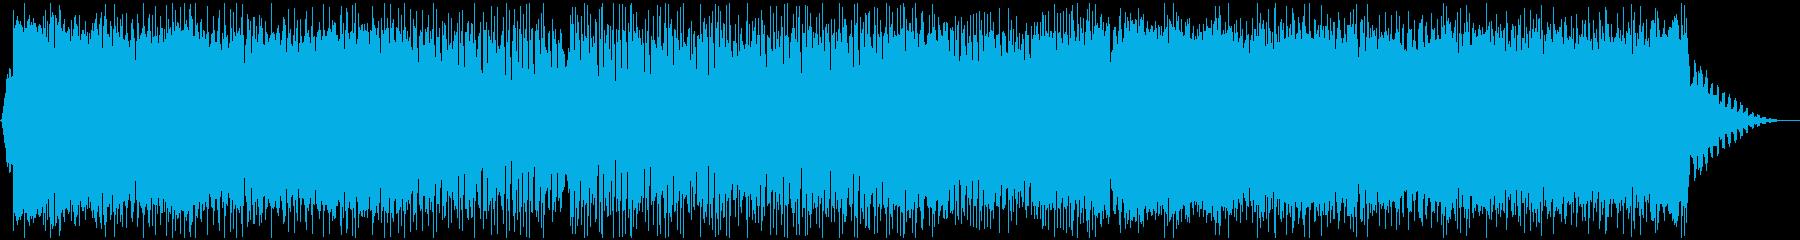 可愛らしいダンスポップ3 声無しの再生済みの波形